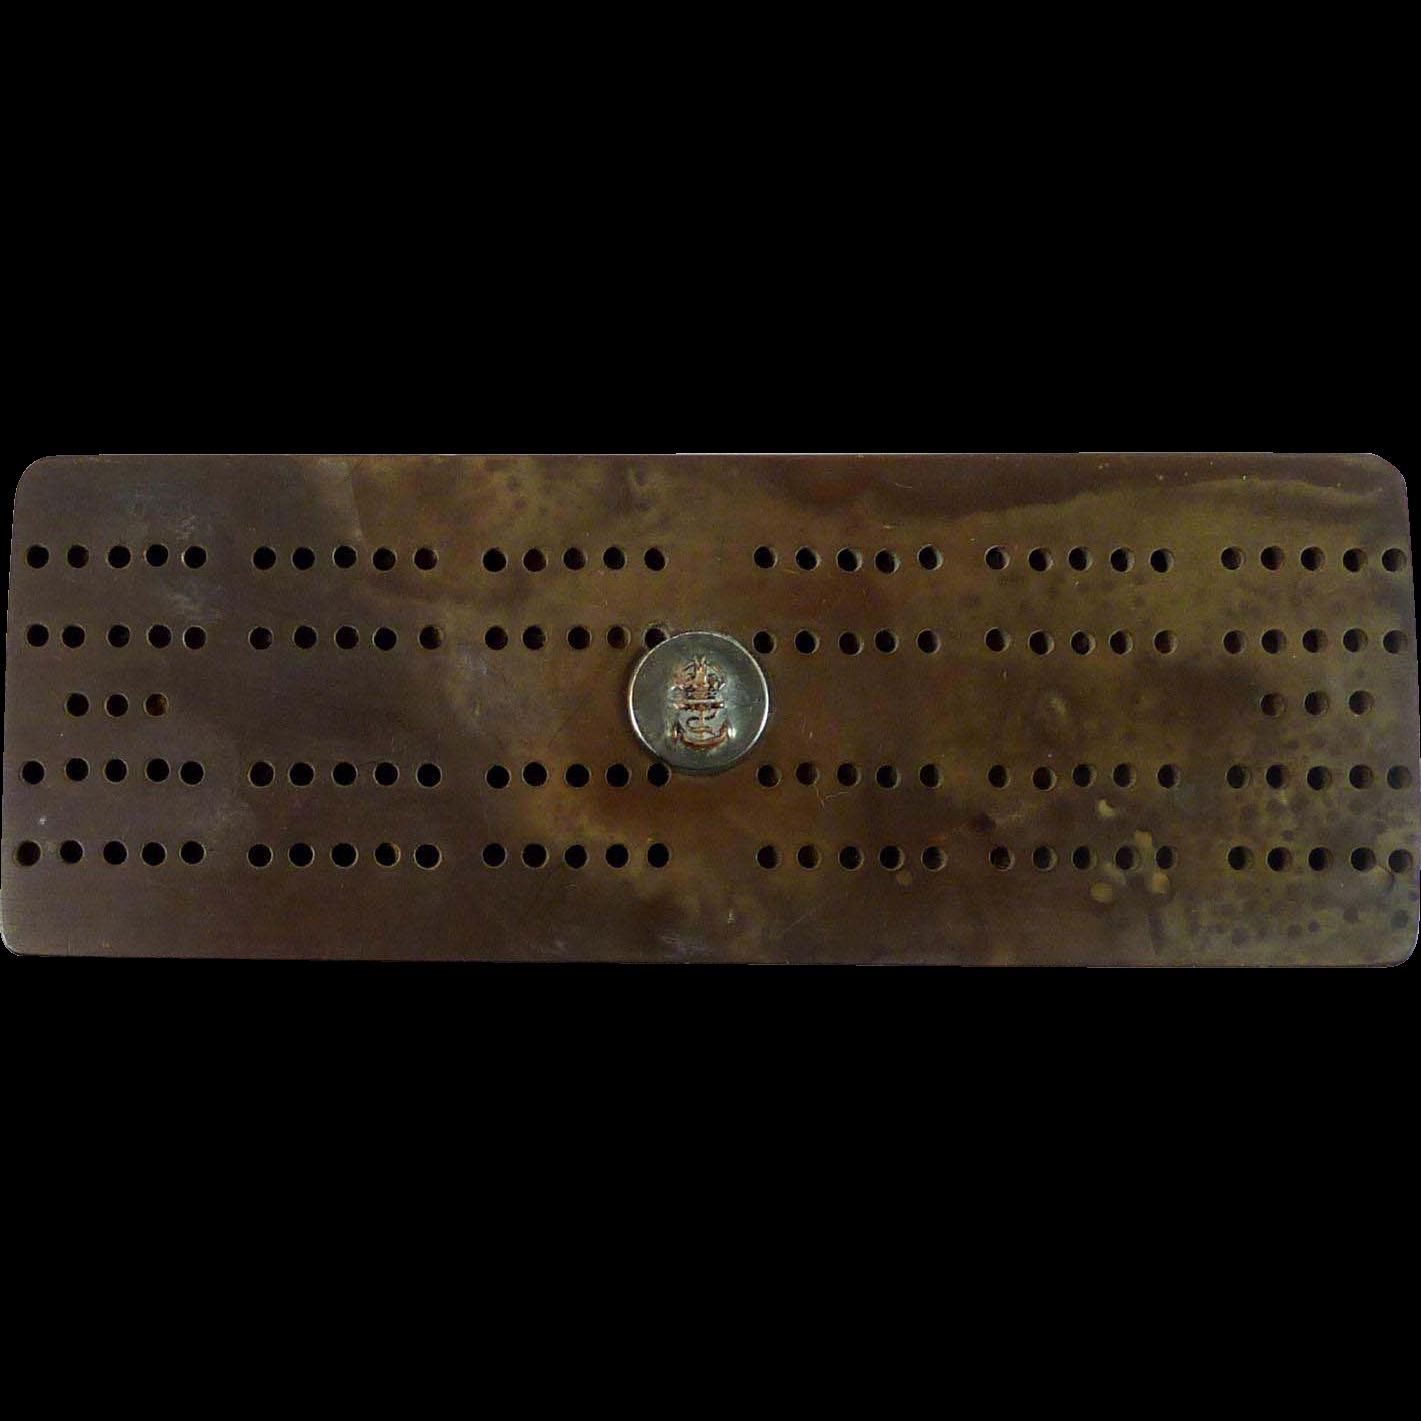 Cribbage Board - British Royal Navy Military Insignia